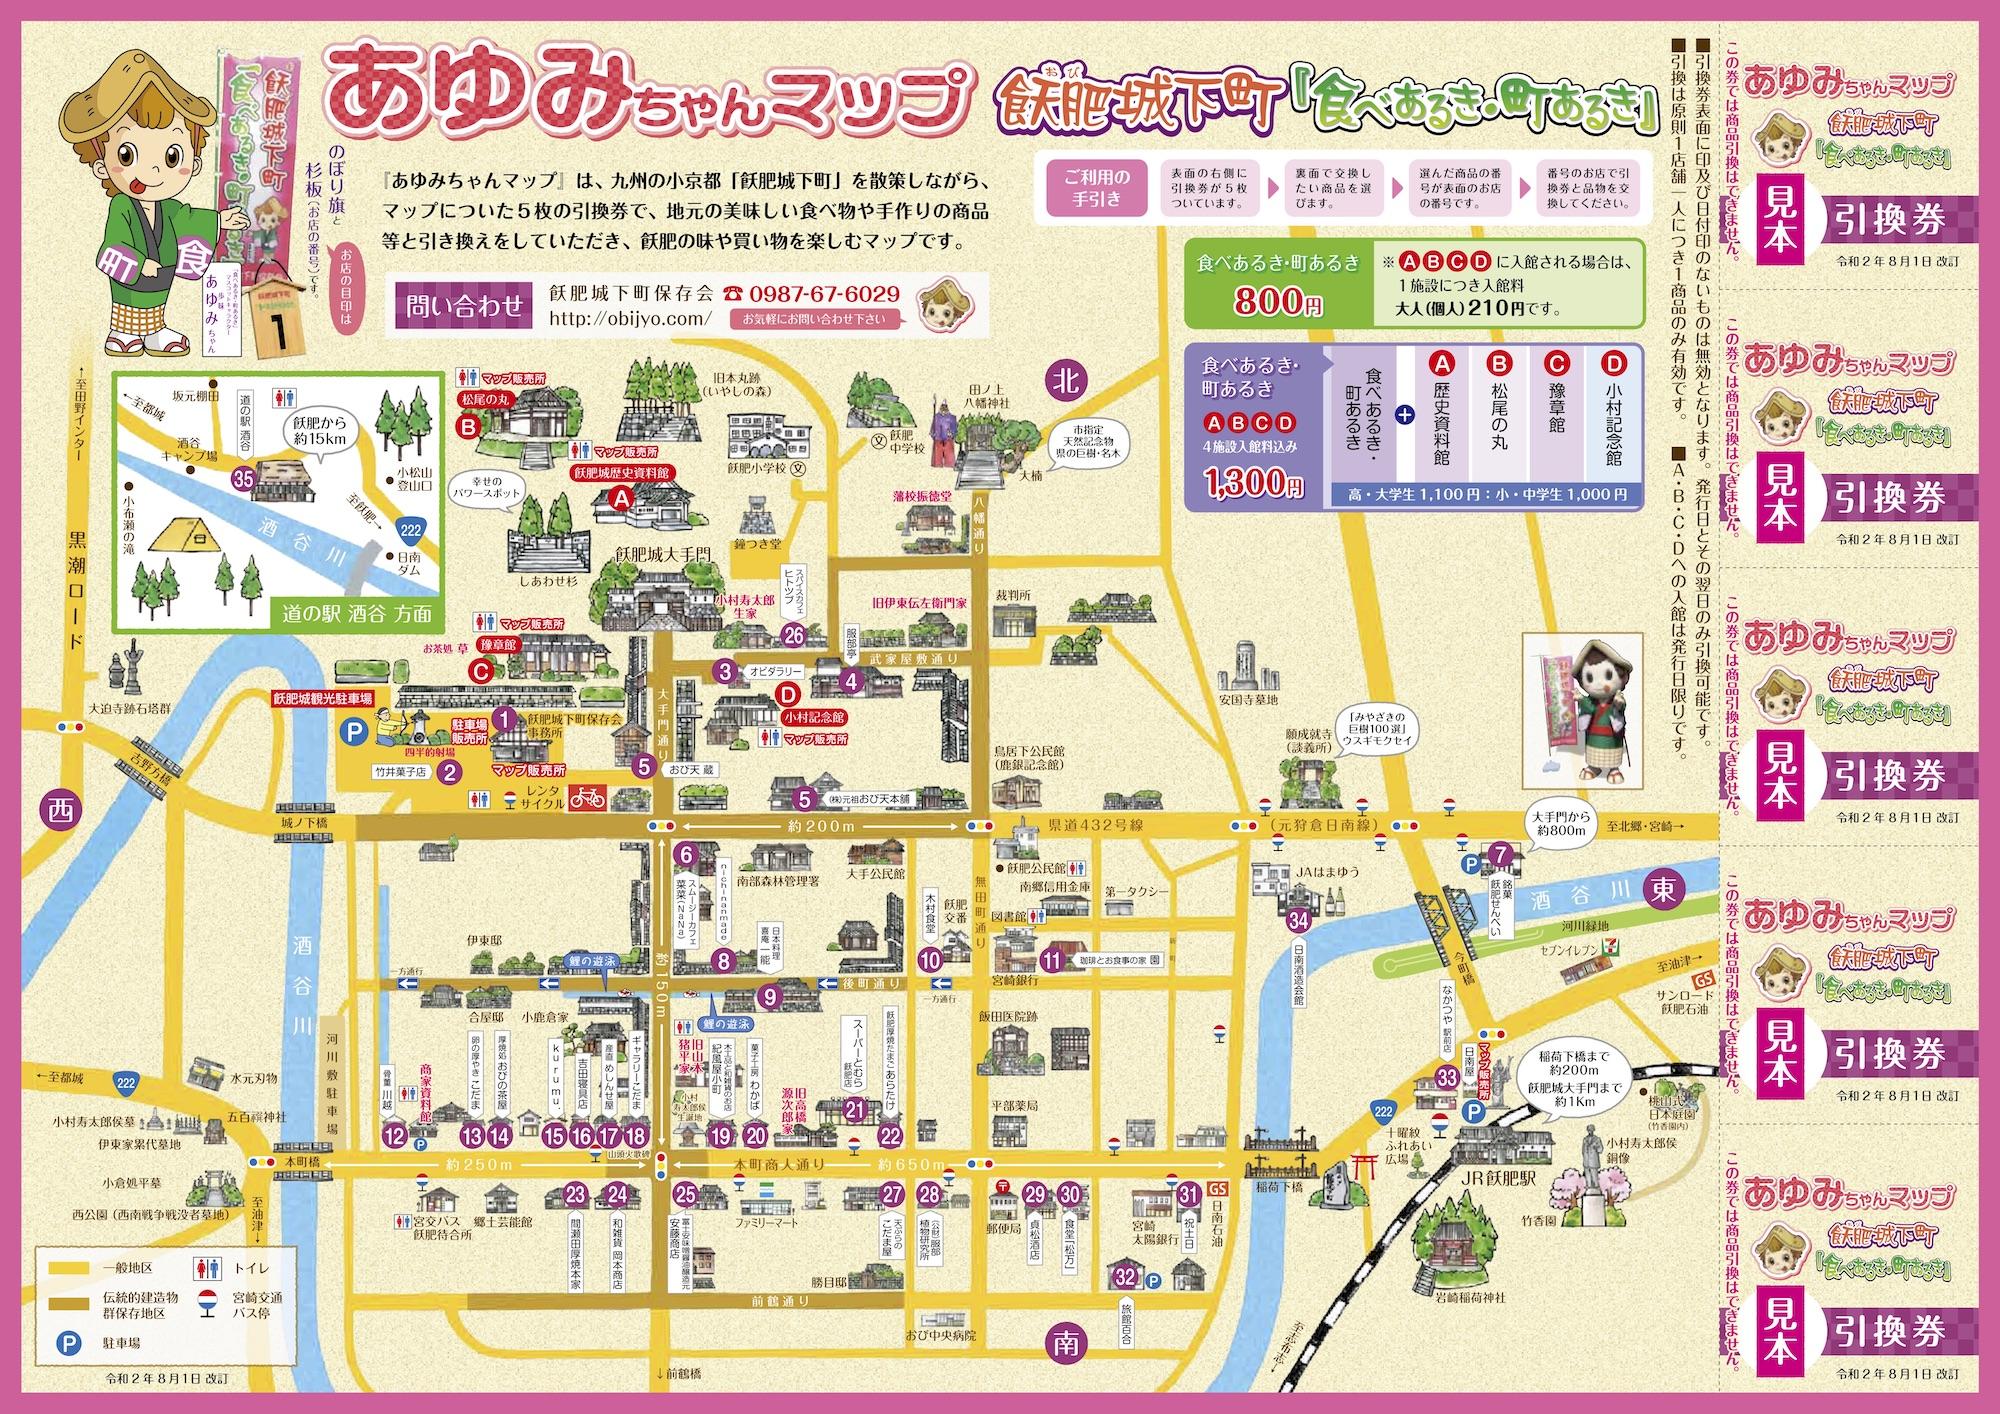 あゆみちゃんマップ表2020